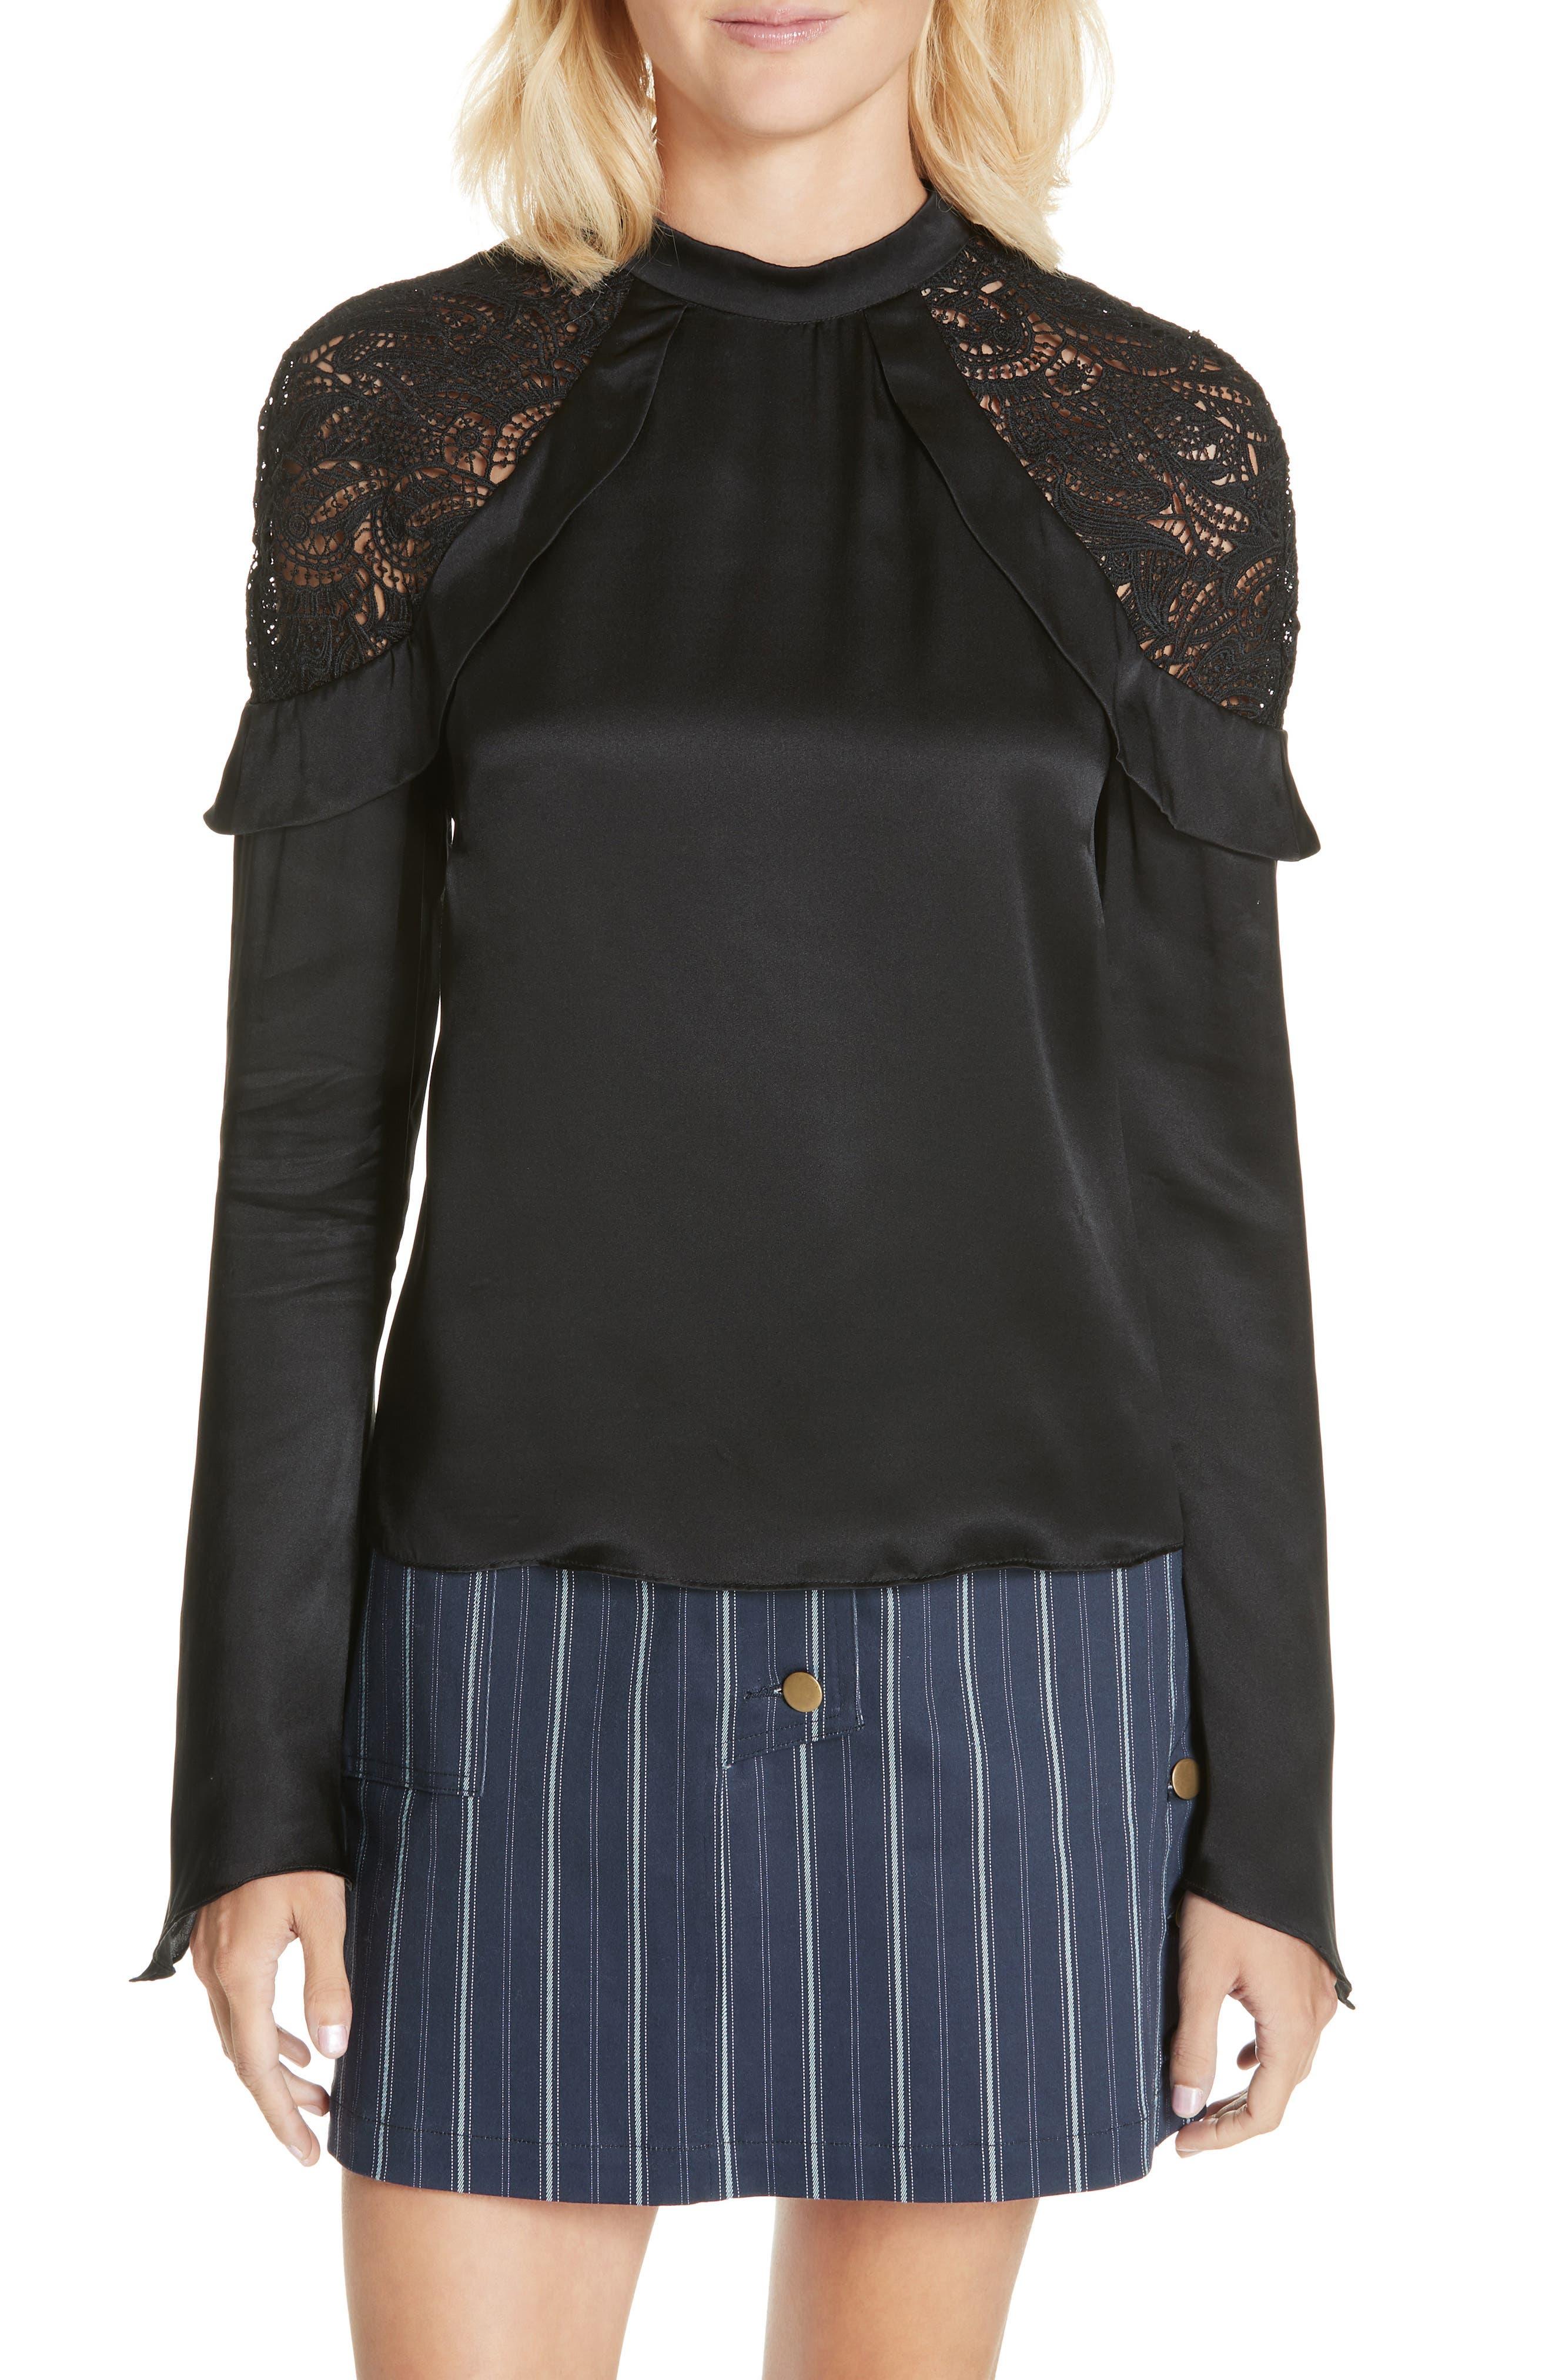 AMUR Ella Silk-Blend Top in Black